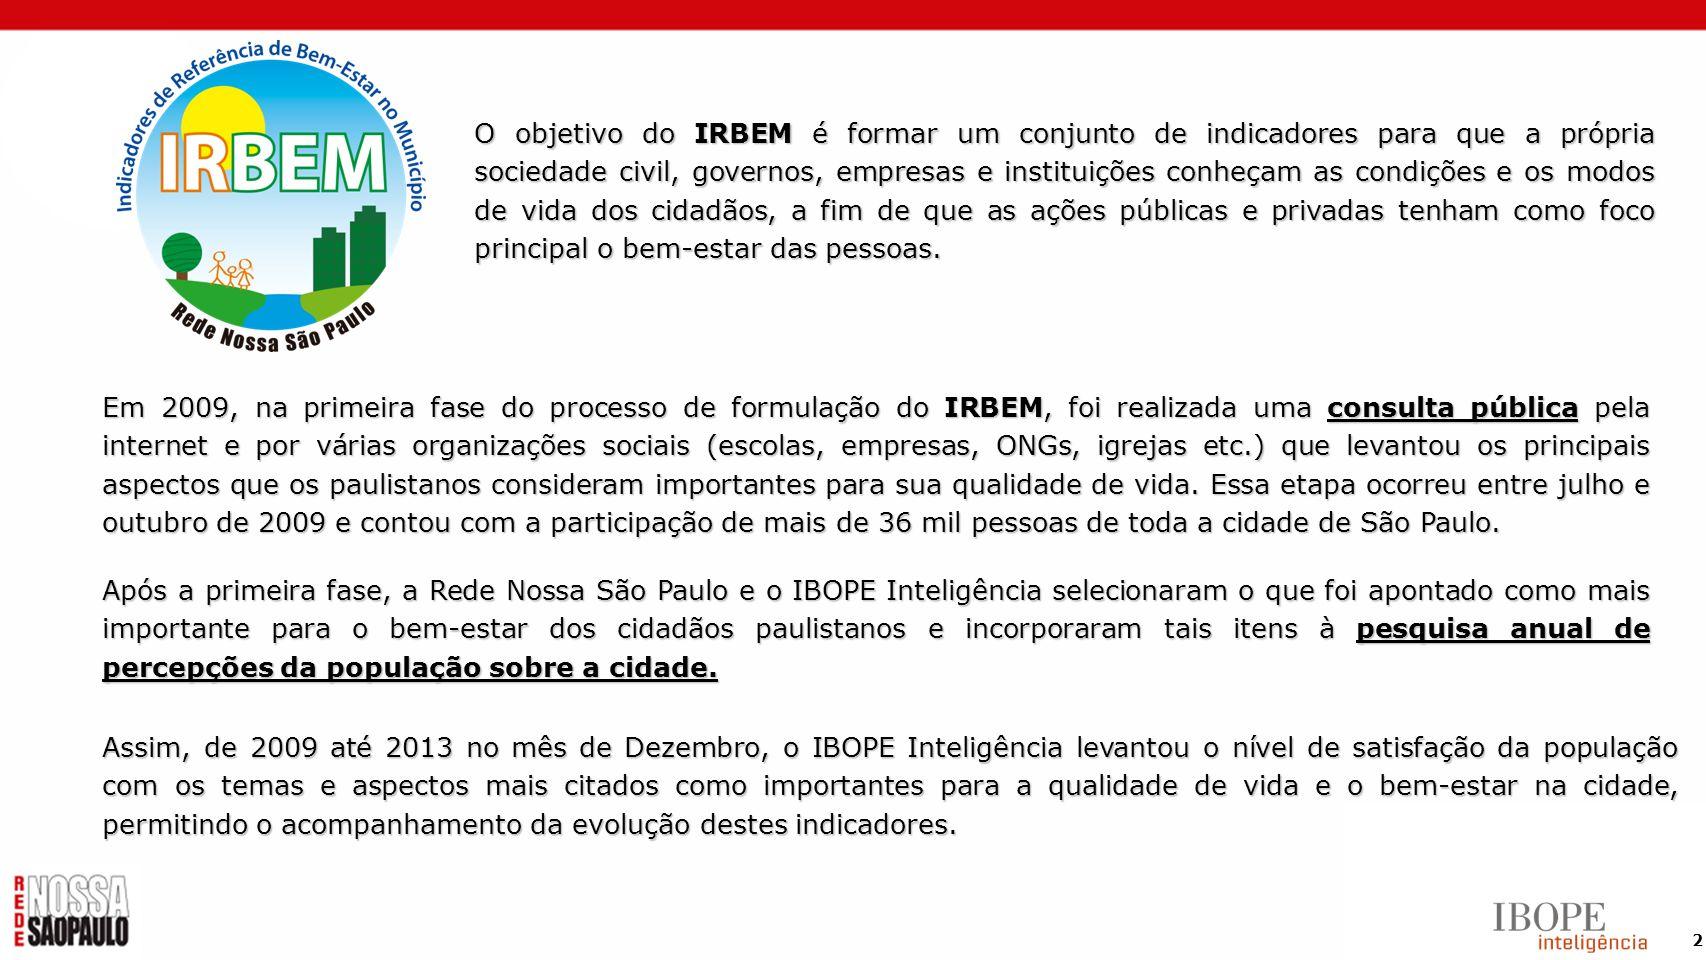 63 Subprefeitura Prefeitura de São Paulo Câmara Municipal de SP Guarda Municipal Ministério Público Polícia Militar 50% ou mais DESCONFIAM (2012) % P.18) De maneira geral, o(a) sr(a) diria que confia ou não confia em cada uma destas instituições que vou ler: Confiança nas instituições e órgãos públicos Base: total da amostra (2008 | 2009 | 2010 | 2011 | 2012 | 2013: 1.512 entrevistas) Polícia Civil Poder Judiciário TCM